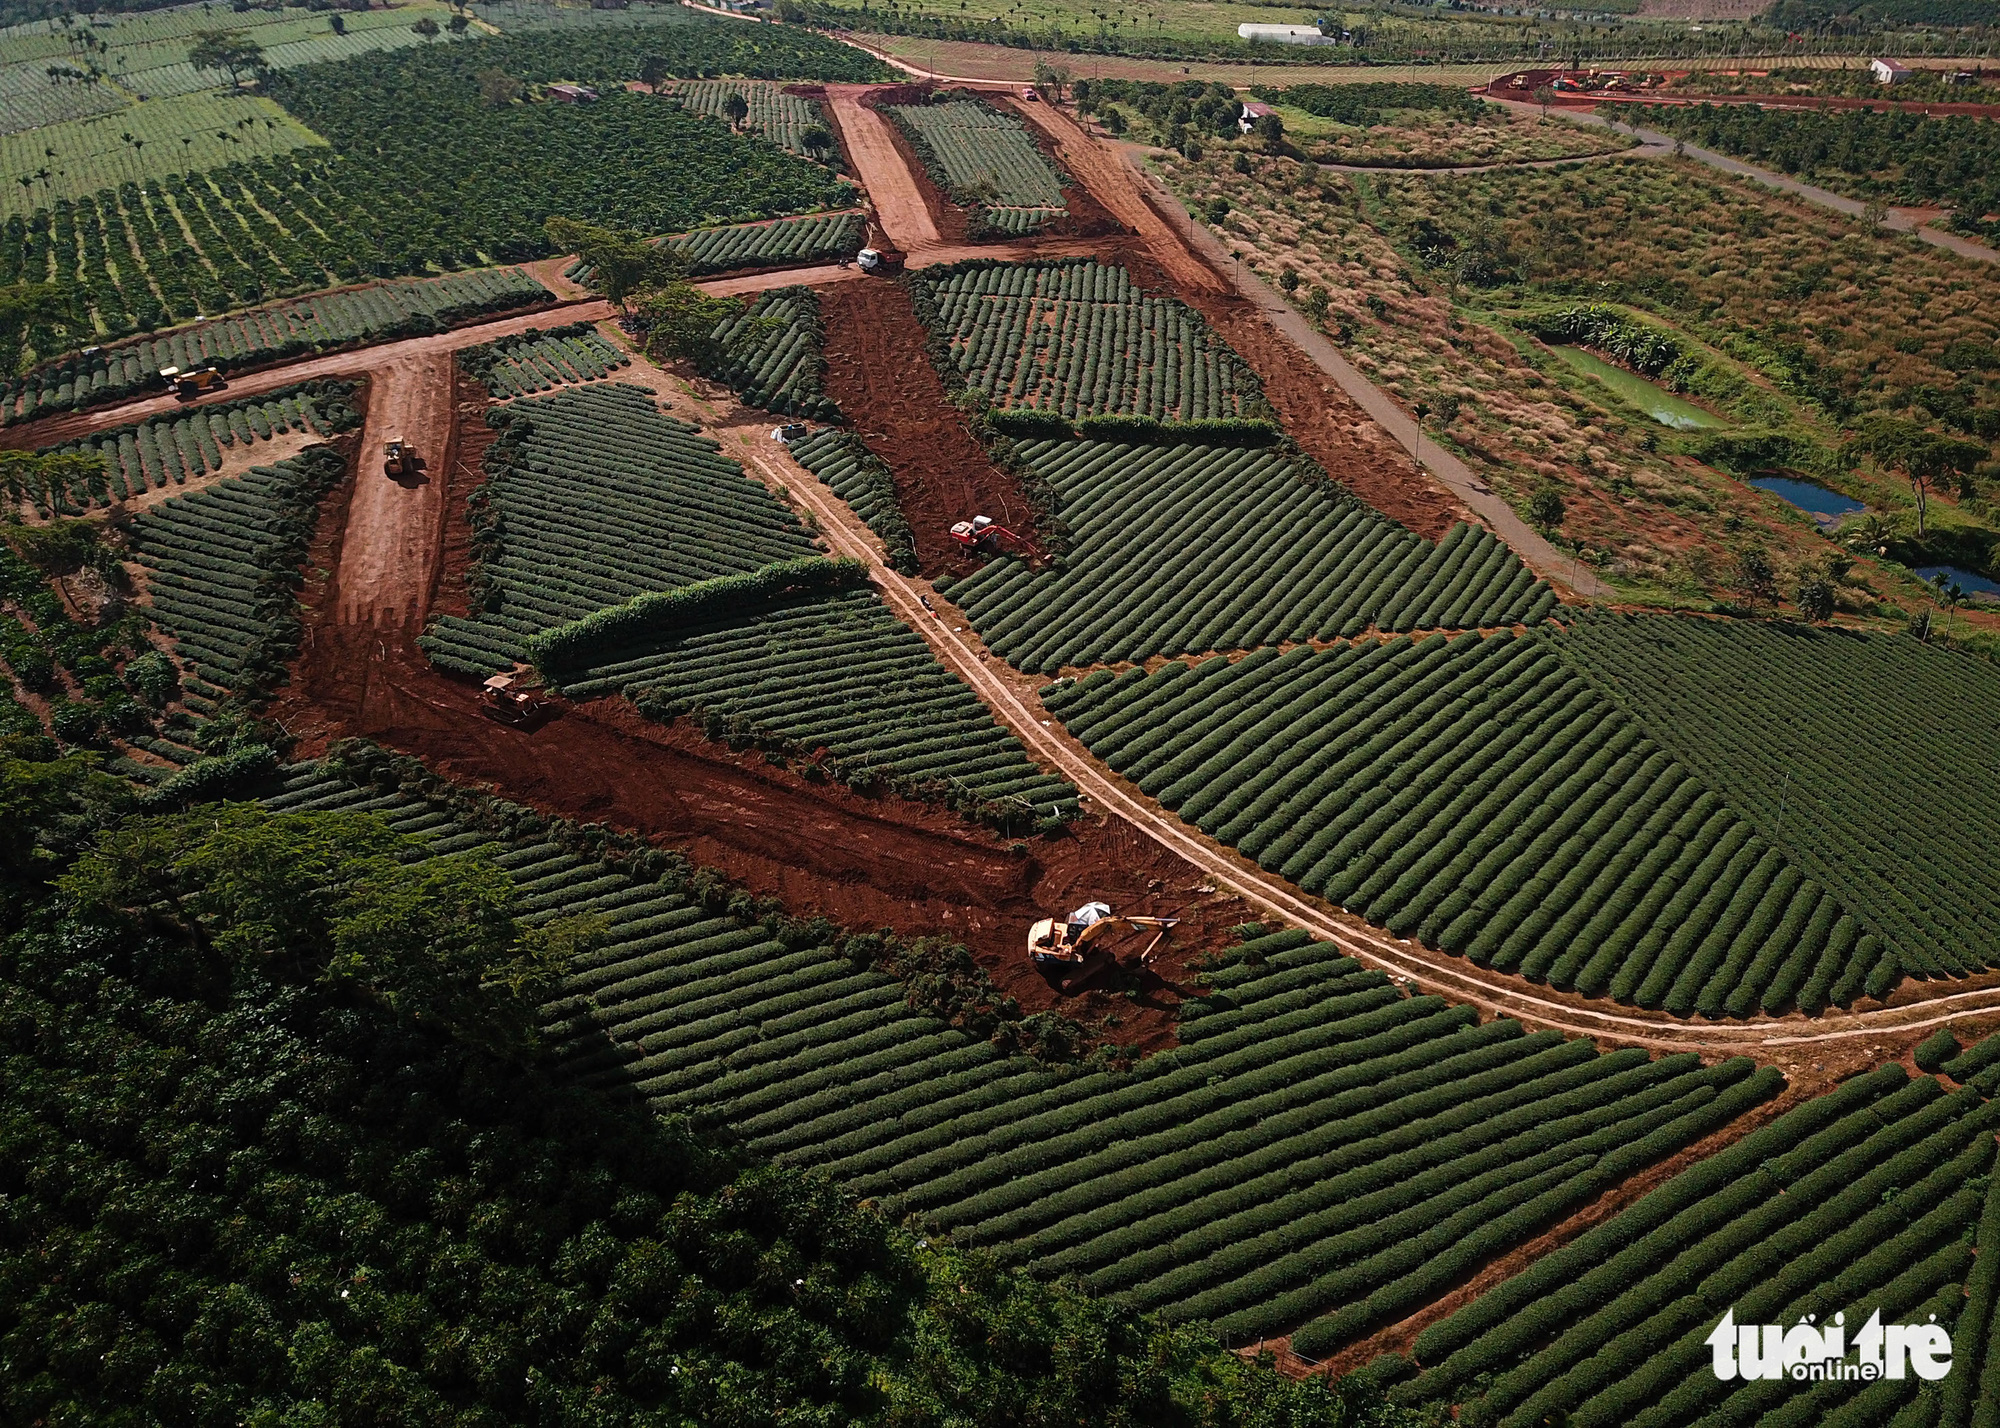 Thanh tra hoạt động phân lô bán nền ở Lâm Đồng, Khánh Hòa, Bình Thuận - Ảnh 1.